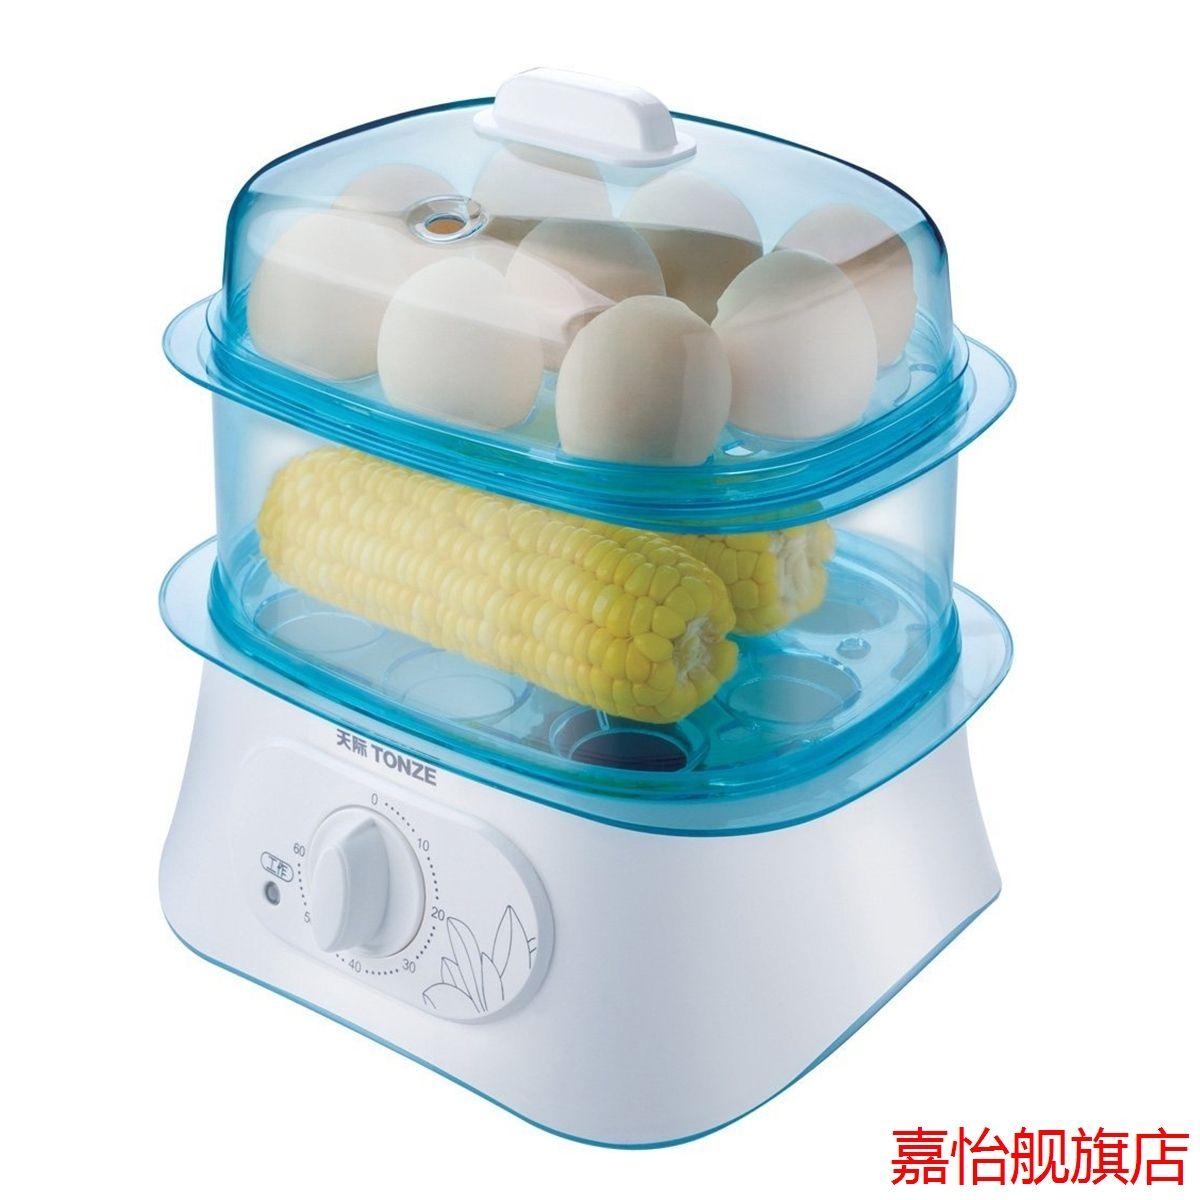 小家电厨房电器迷你电蒸笼 煮蛋双层电蒸锅蒸玉米馒头器蒸菜 定时